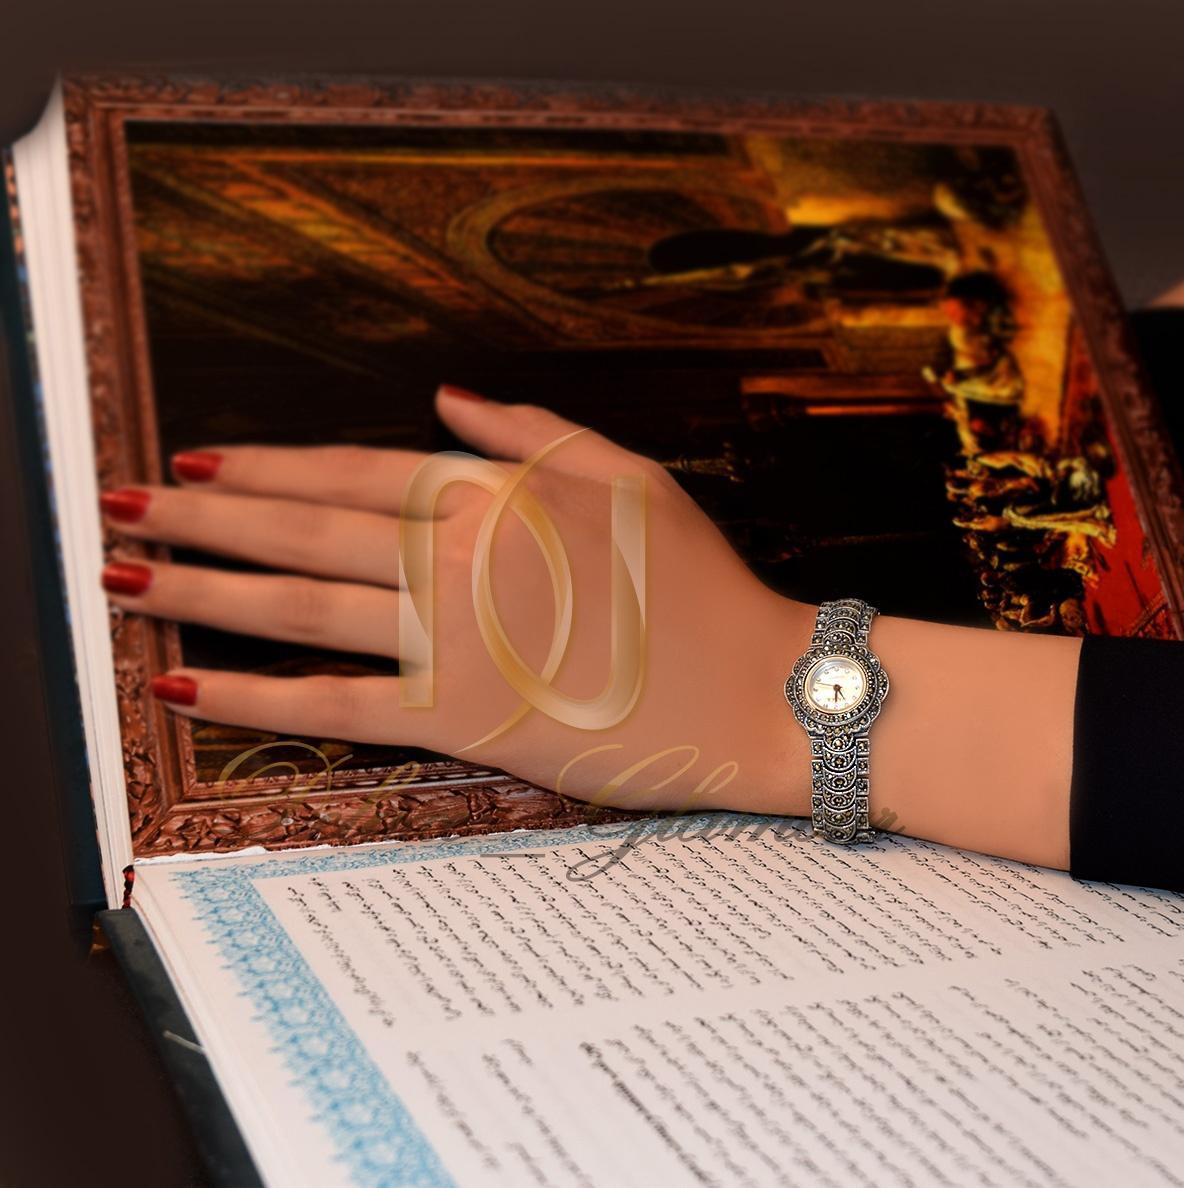 ساعت نقره سیاه قلم زنانه با صفحه گرد Wh-102 - روی دست